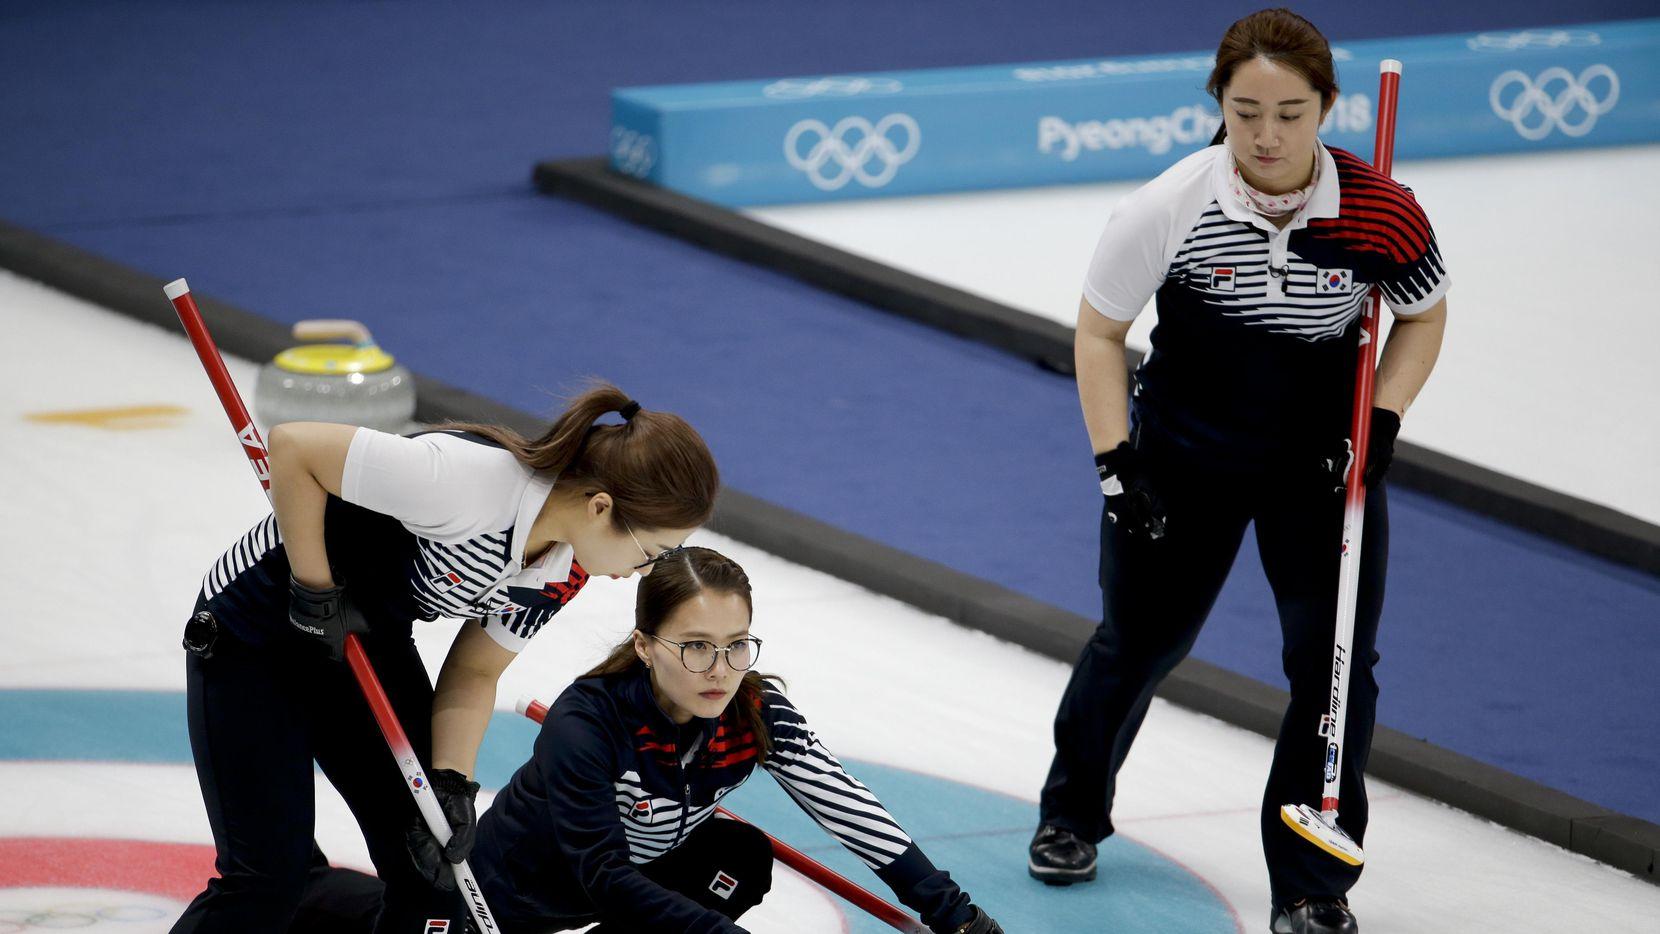 El equipo femenino surcoreano de curling eliminó a Japón el viernes en semifinales. (AP/Natacha Pisarenko)